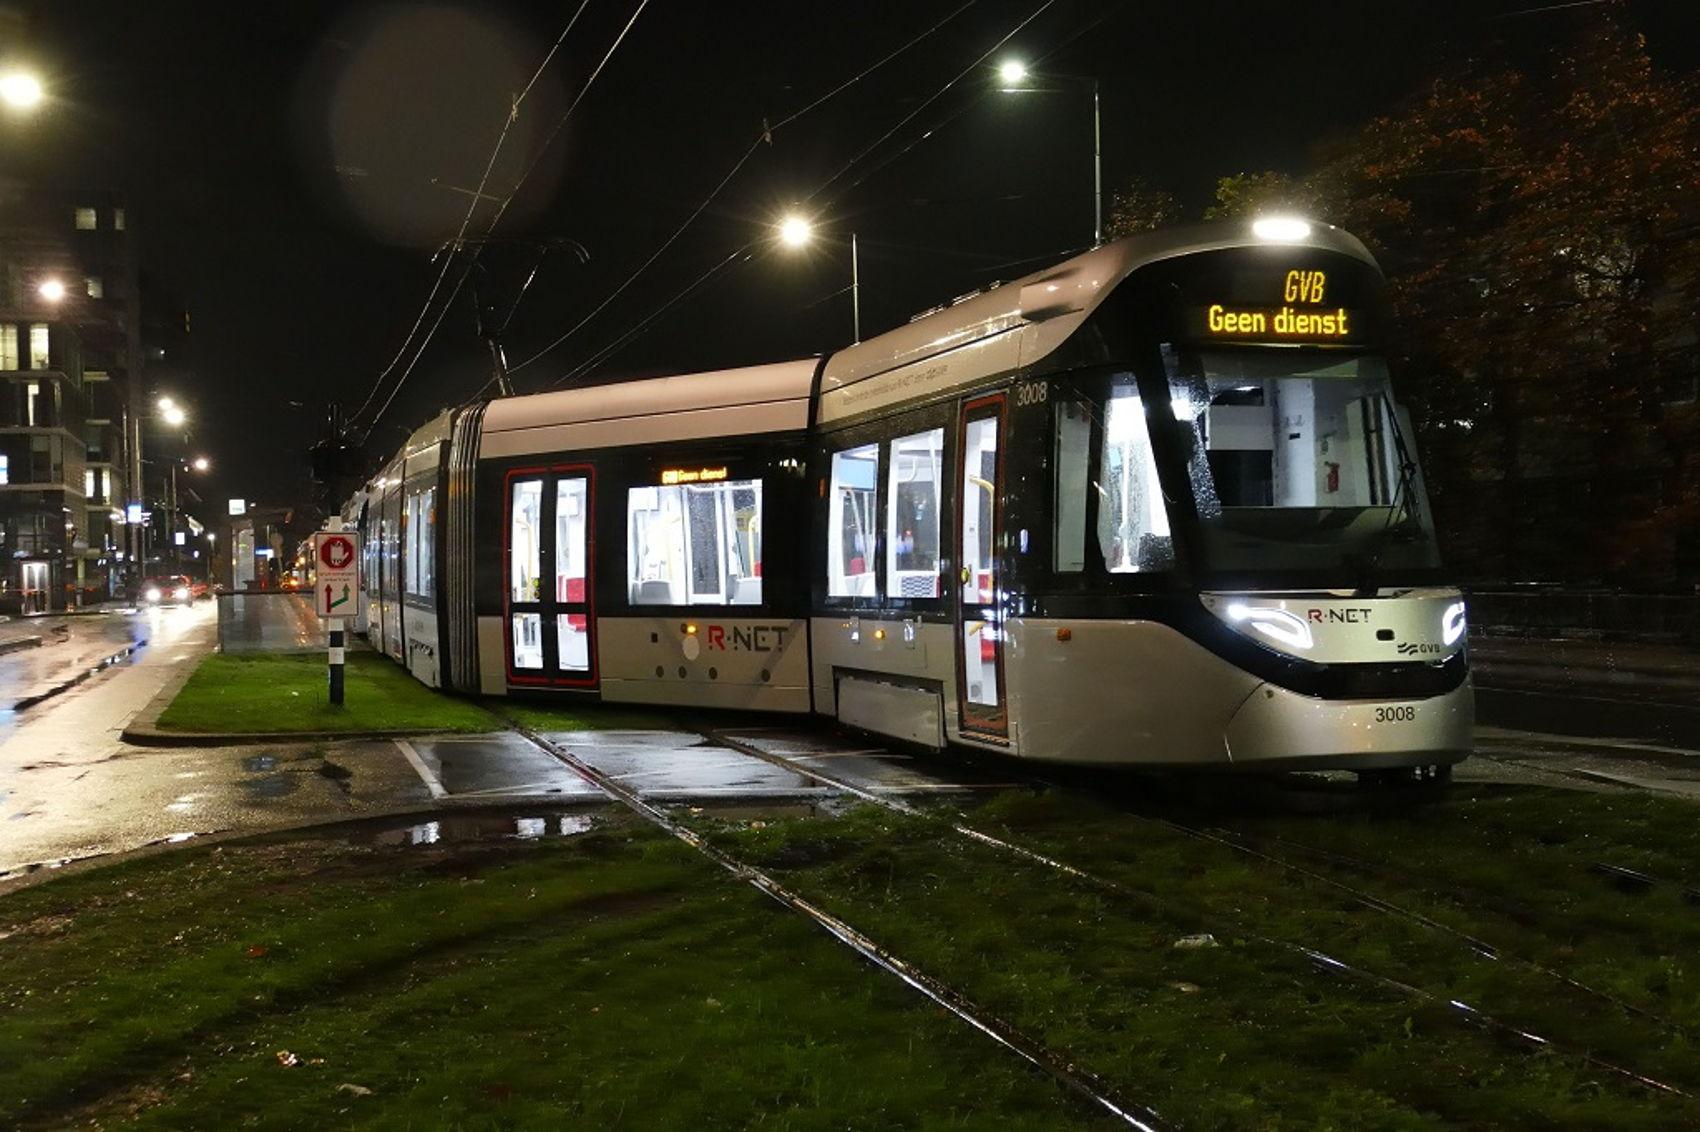 De tram op Station Zuid was in het verkeerde spoor terecht gekomen. Onderzoek naar de oorzaak loopt nog.